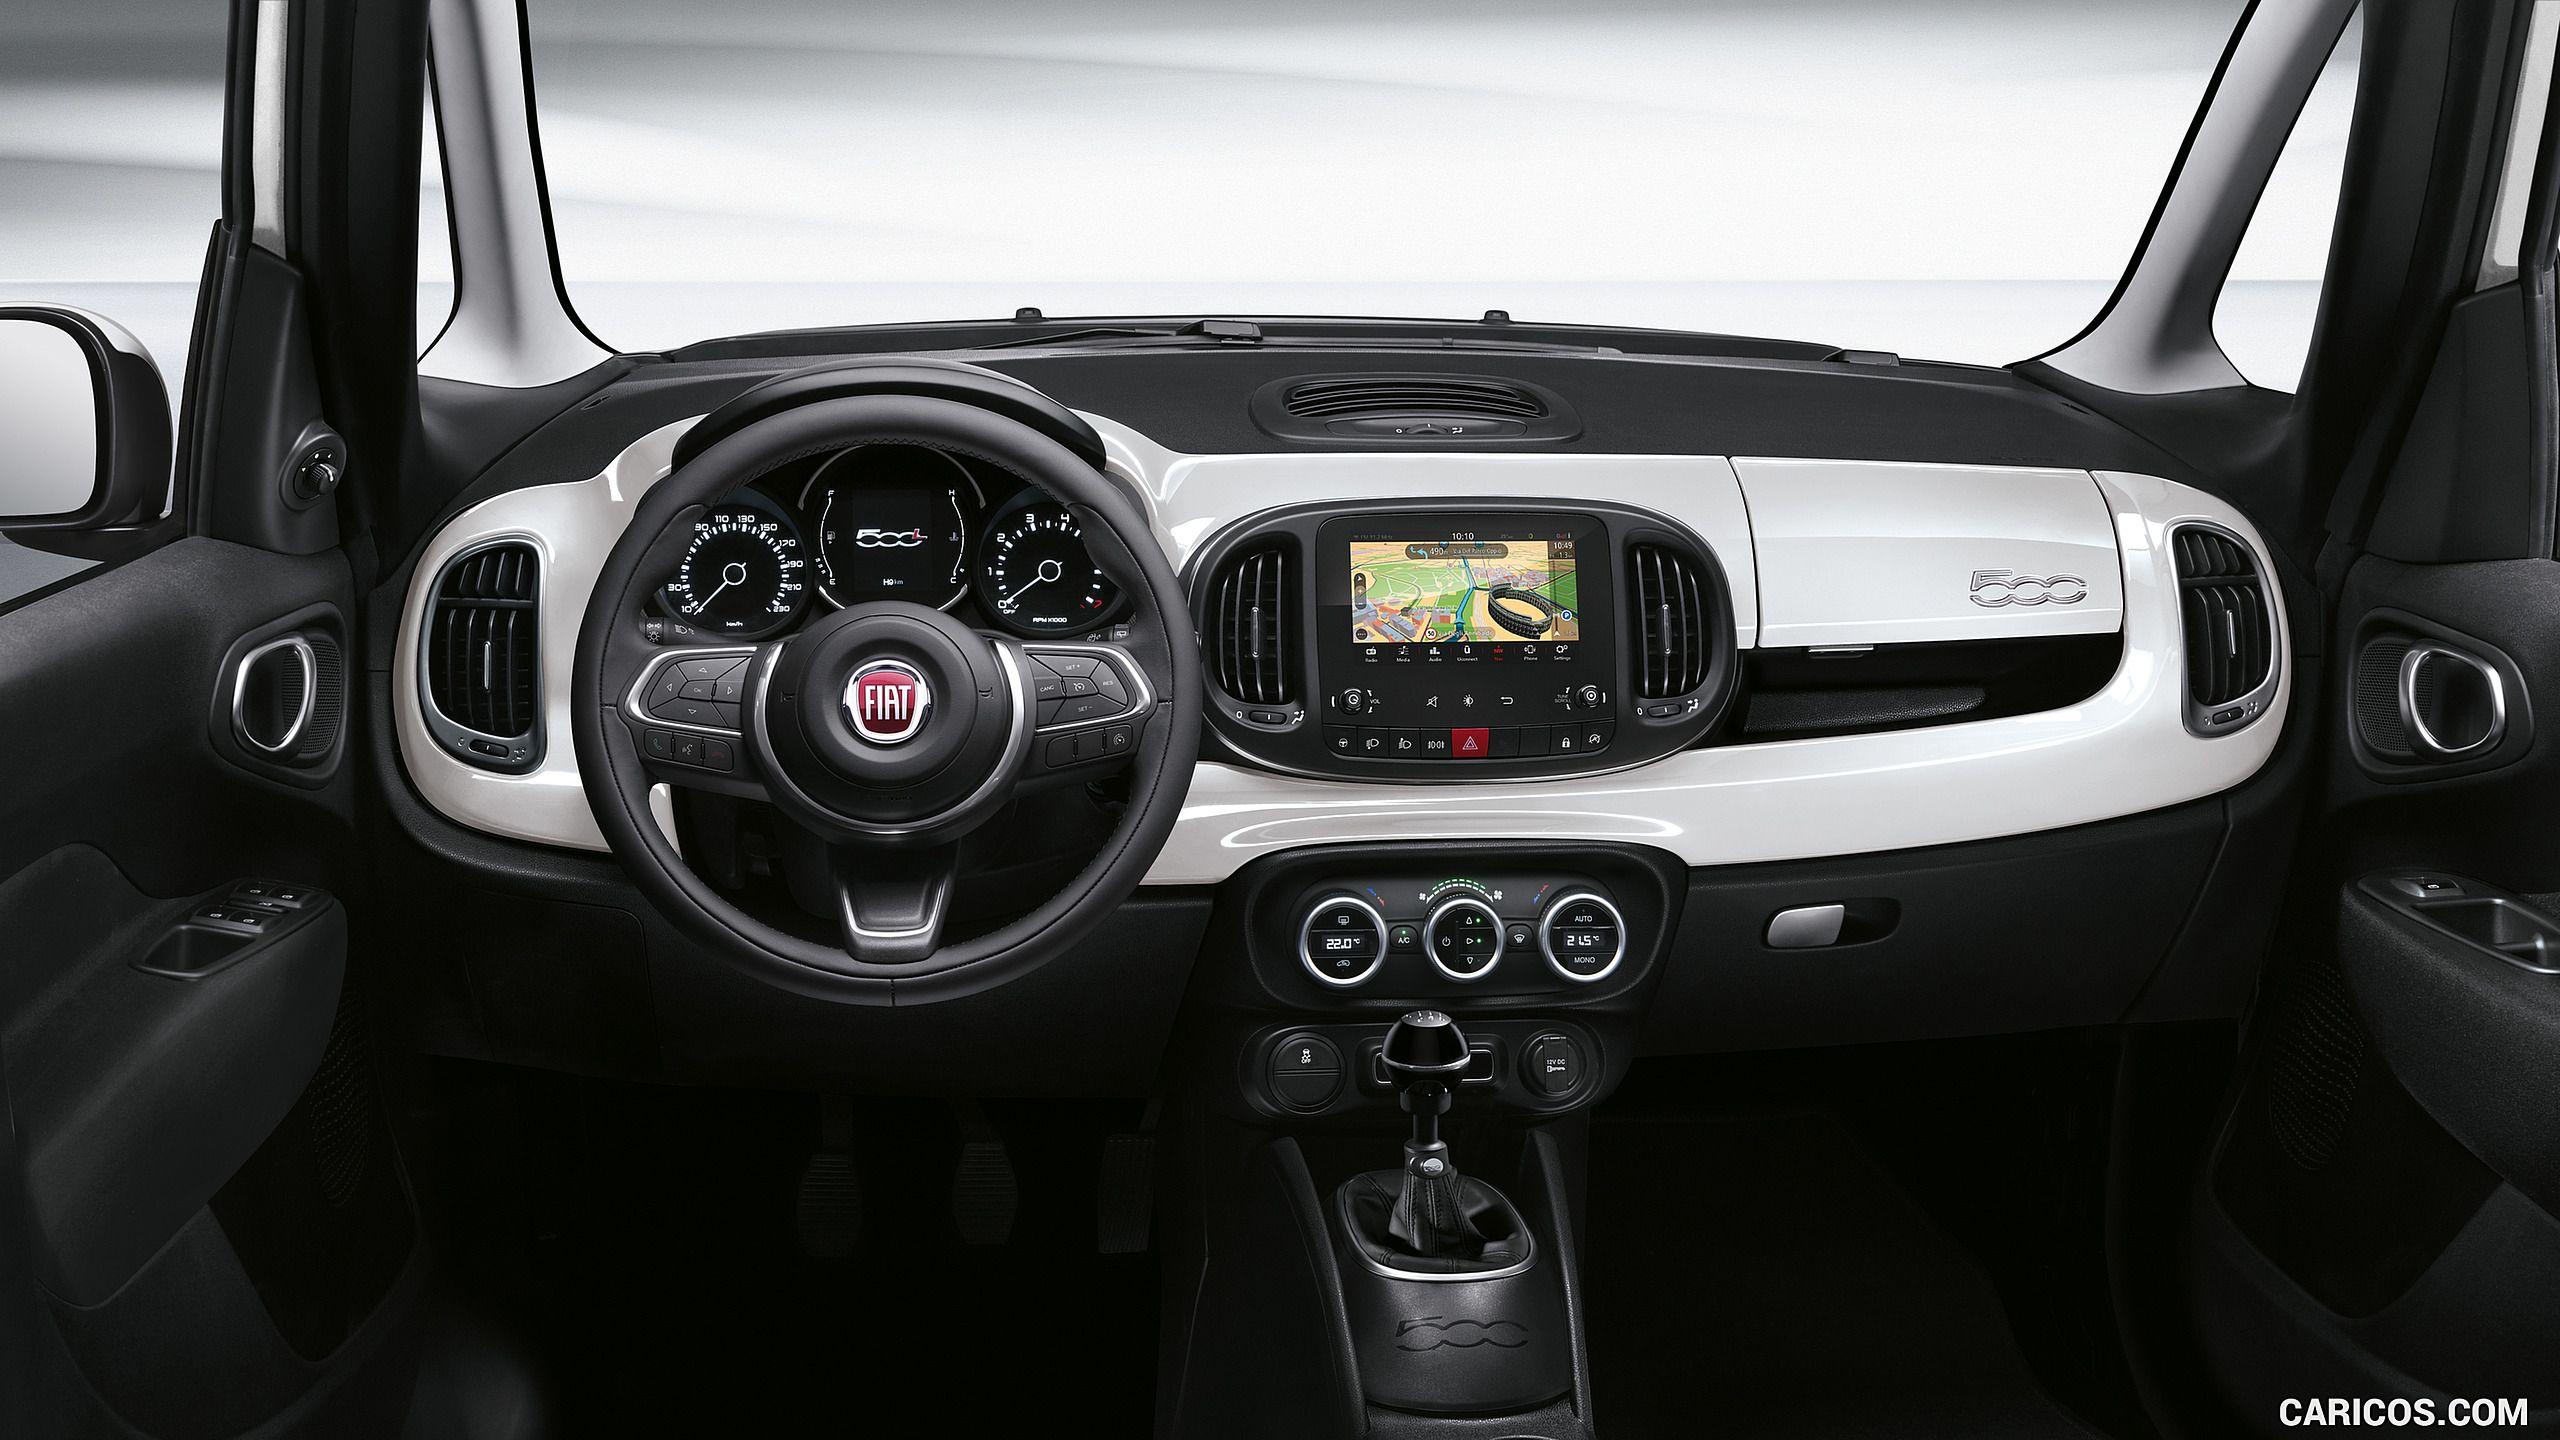 2018 Fiat 500L Urban Cross and Wagon Euro Spec Wallpaper 2560x1440